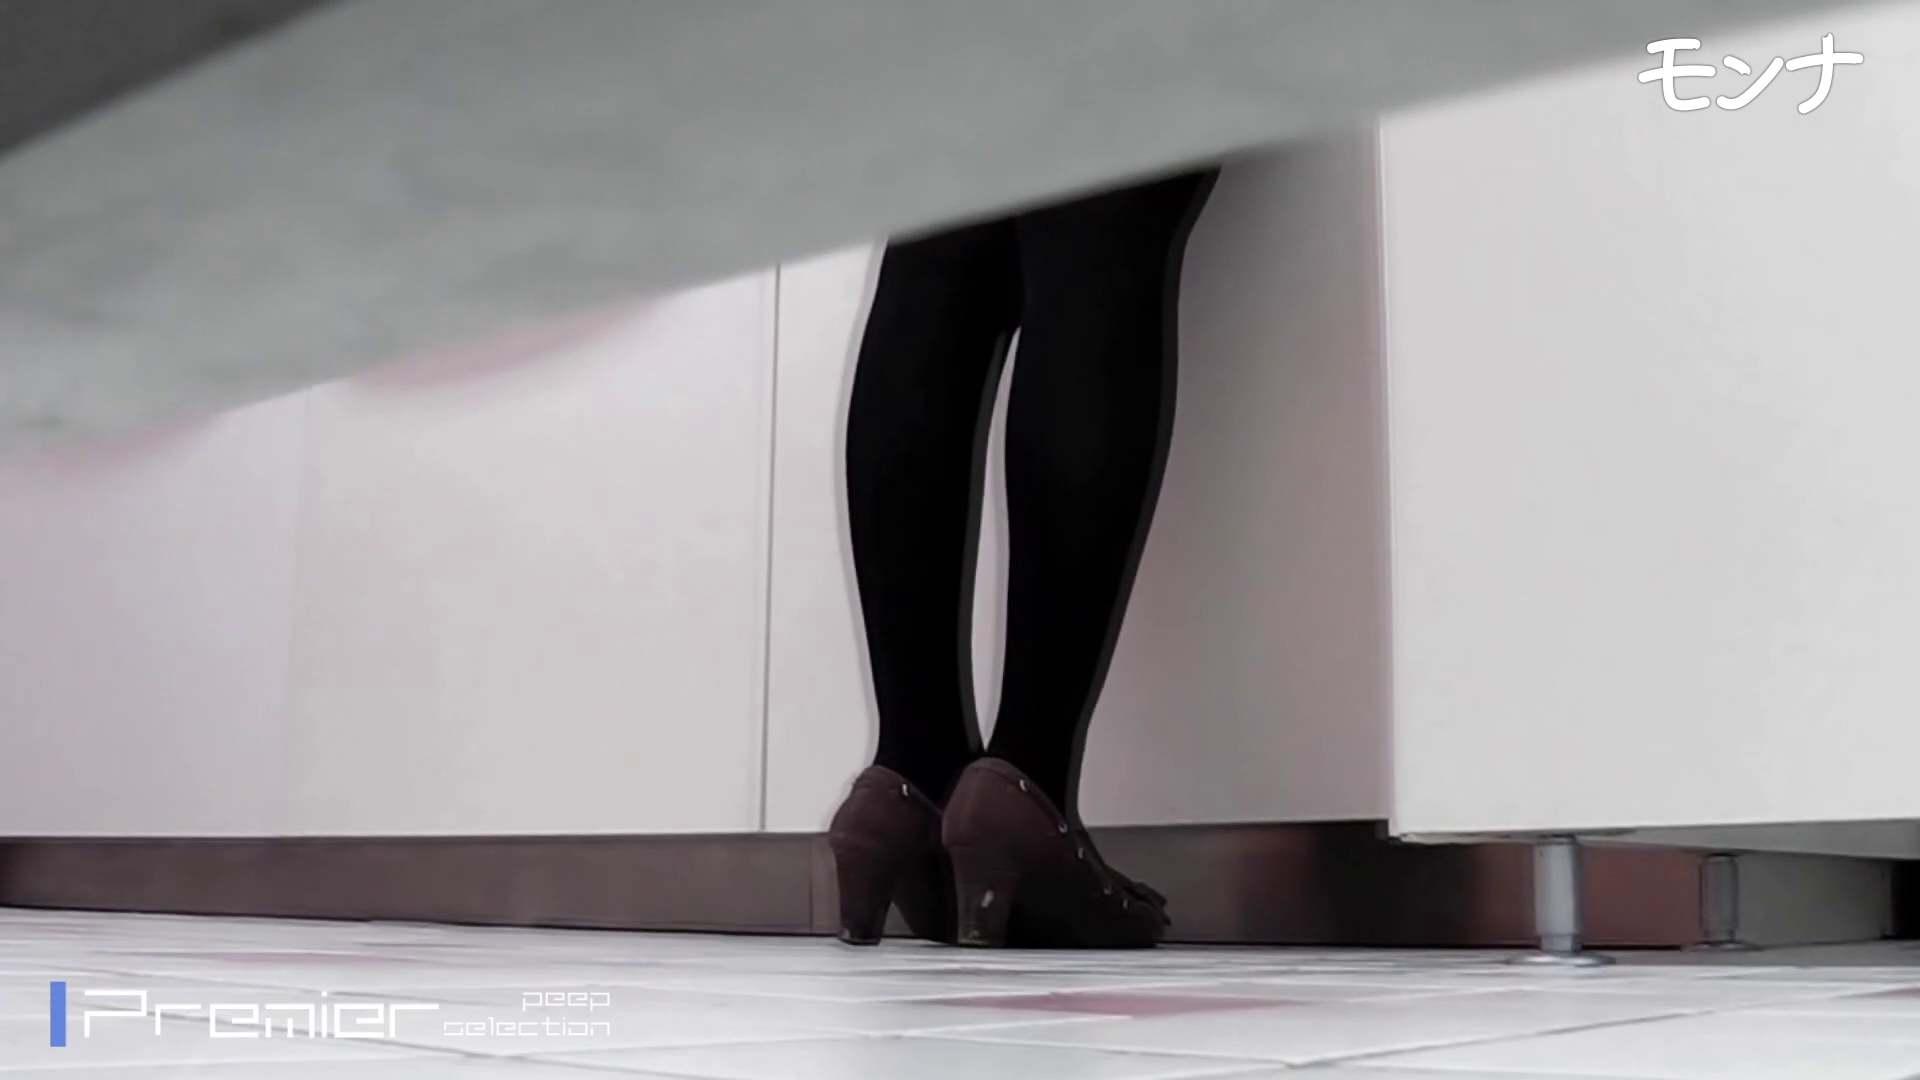 CM 悶絶シリーズ5 【美しい日本の未来 No.128】 ギャル盗撮映像 のぞき動画画像 100PIX 22